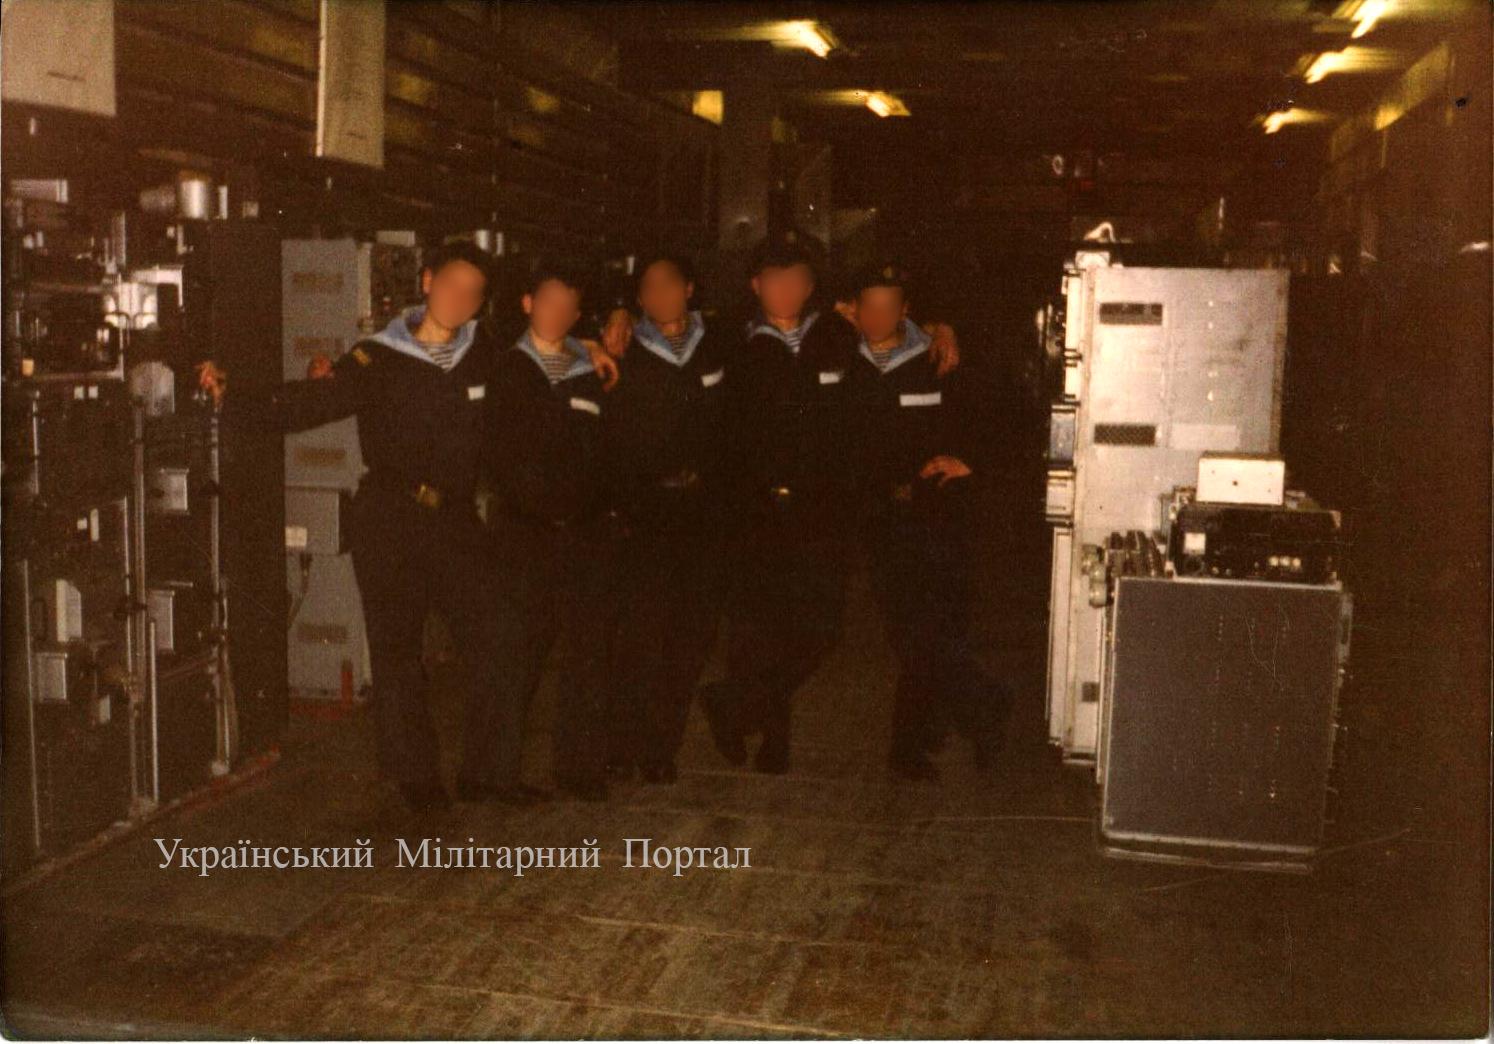 Зал с передатчиками (Р-652 Щука)